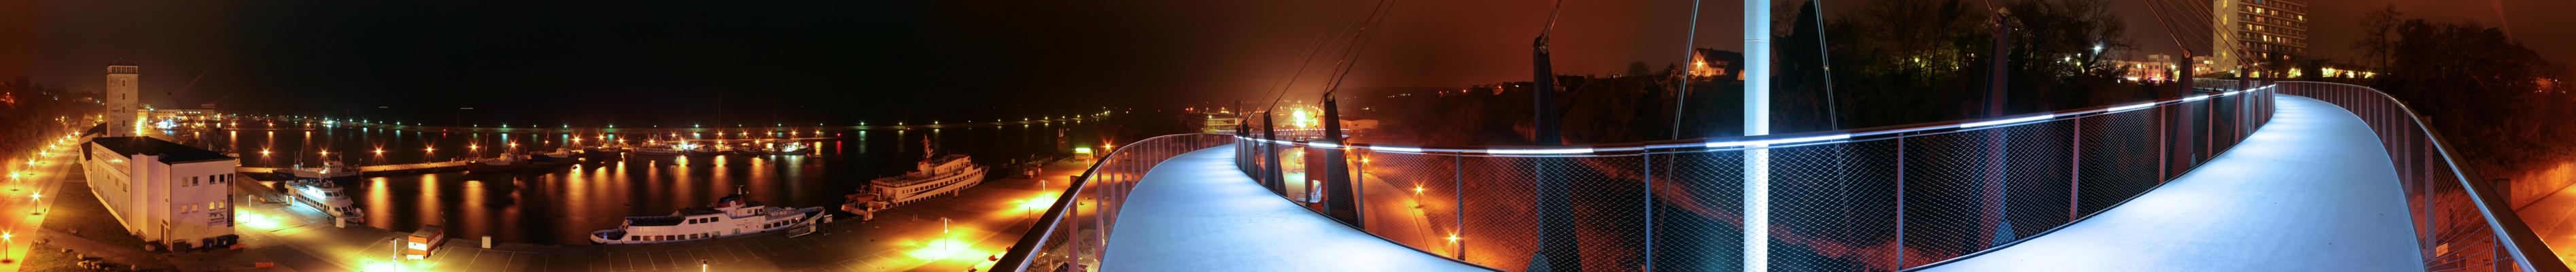 Sassnitz Hafen bei Nacht